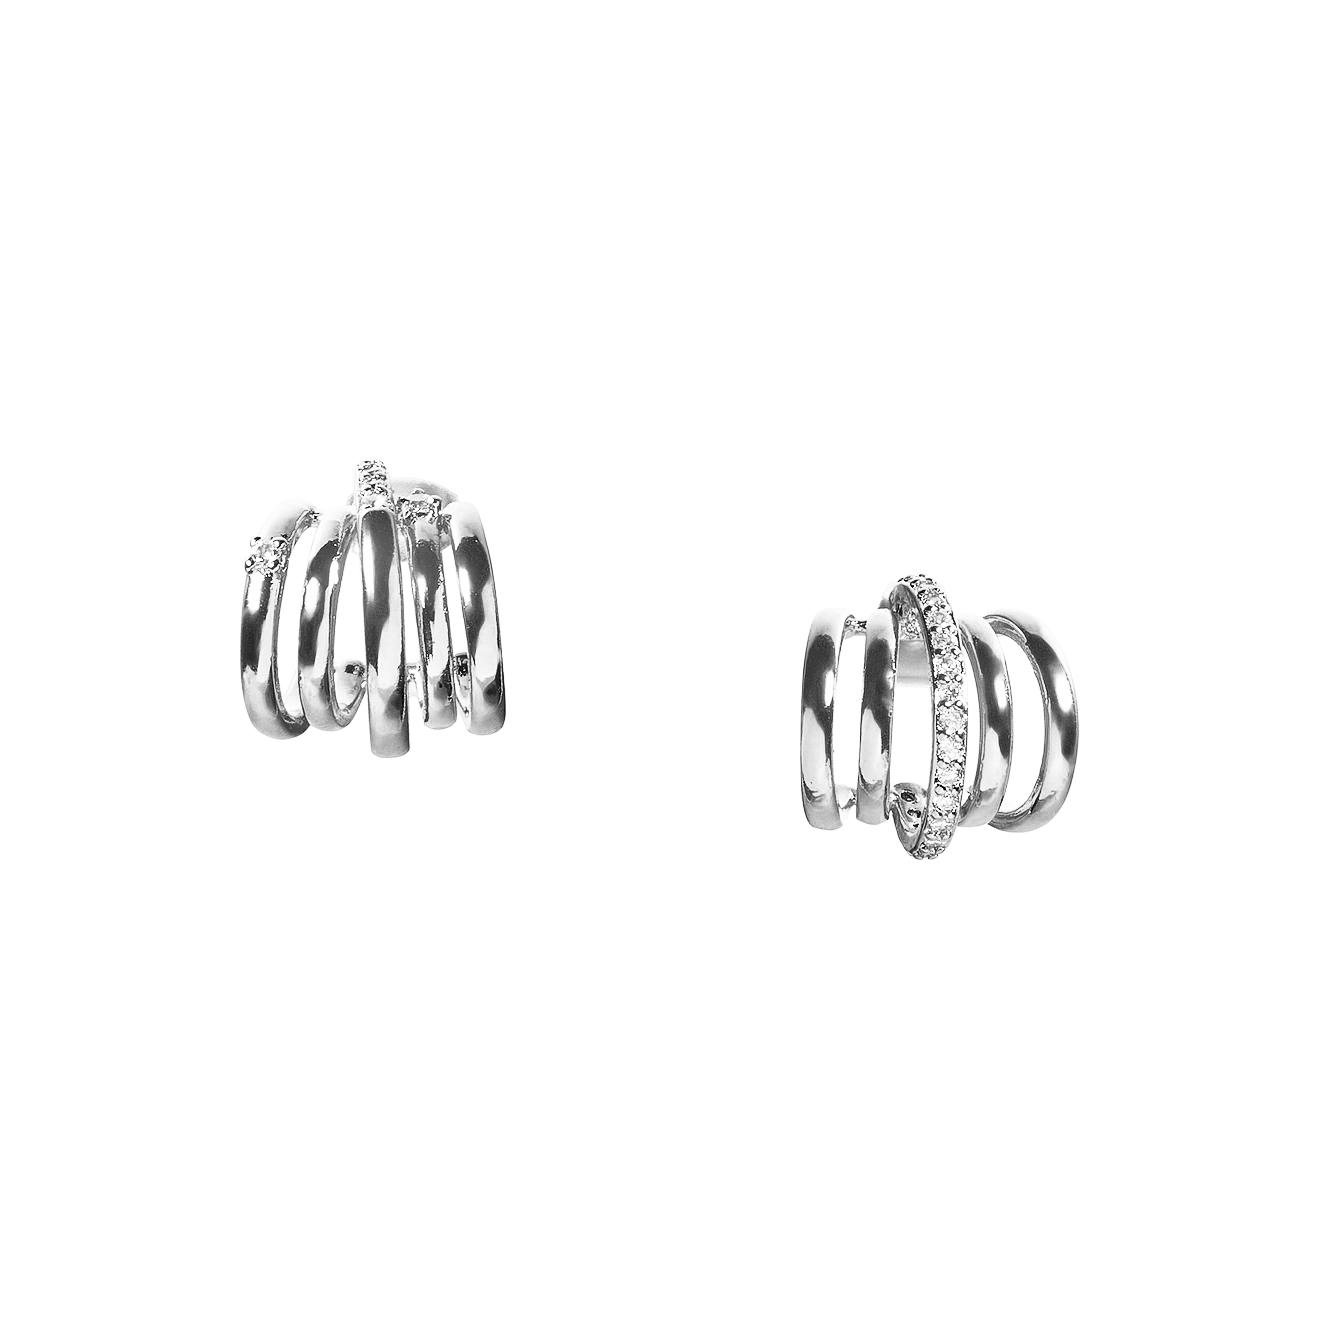 Herald Percy Серебристые асимметричные пусеты-пружины с кристаллами